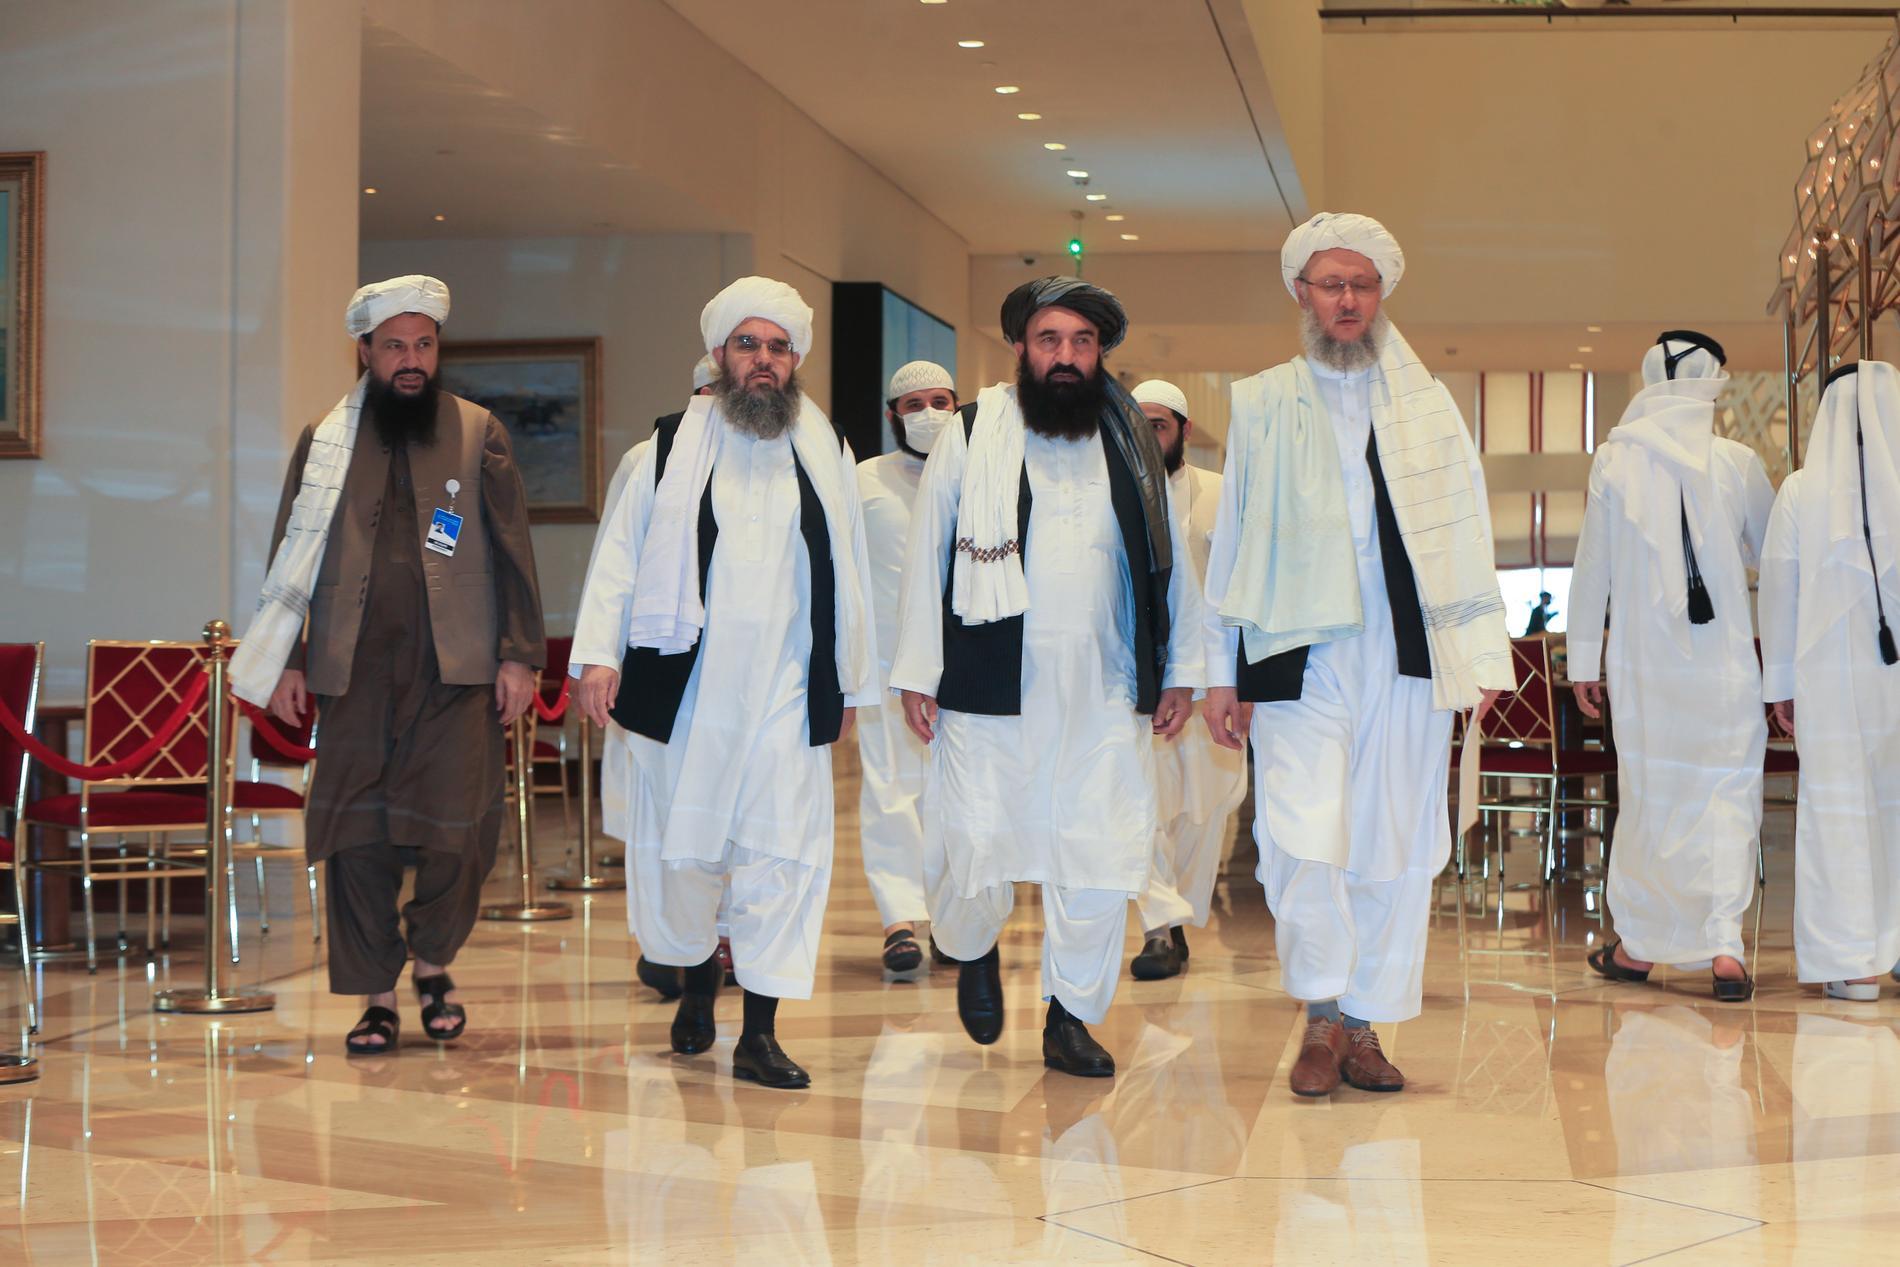 En talibandelegation på väg mot förhandlingar i Doha i Qatar tidigare i augusti, före maktövertagandet i Afghanistan.